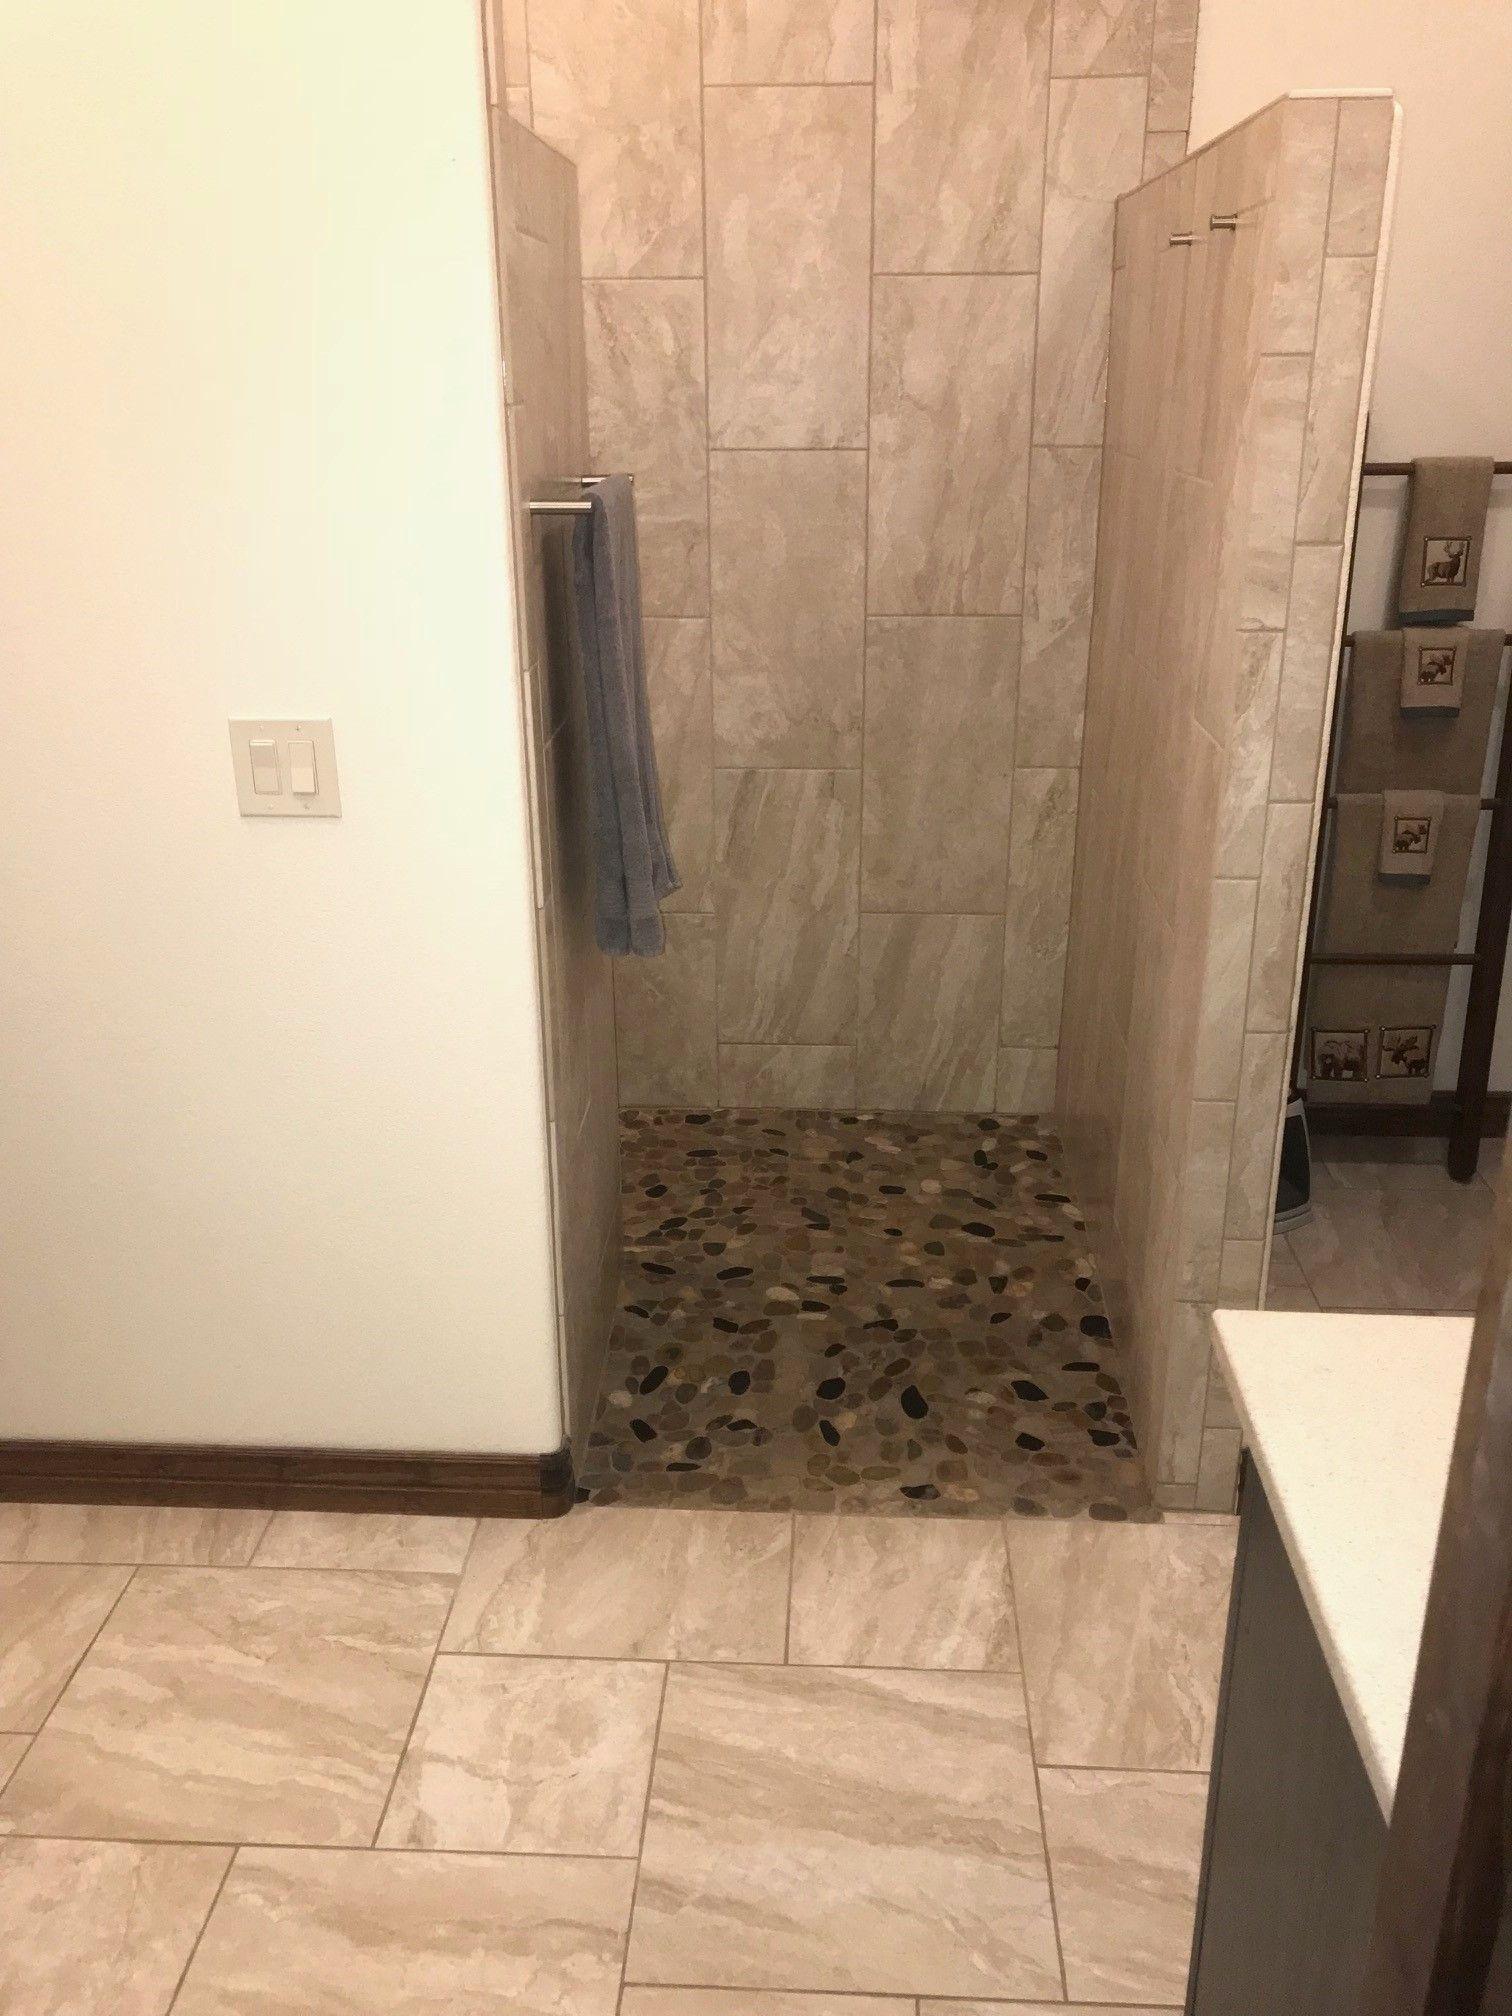 wall and bathroom floor is mingle soft